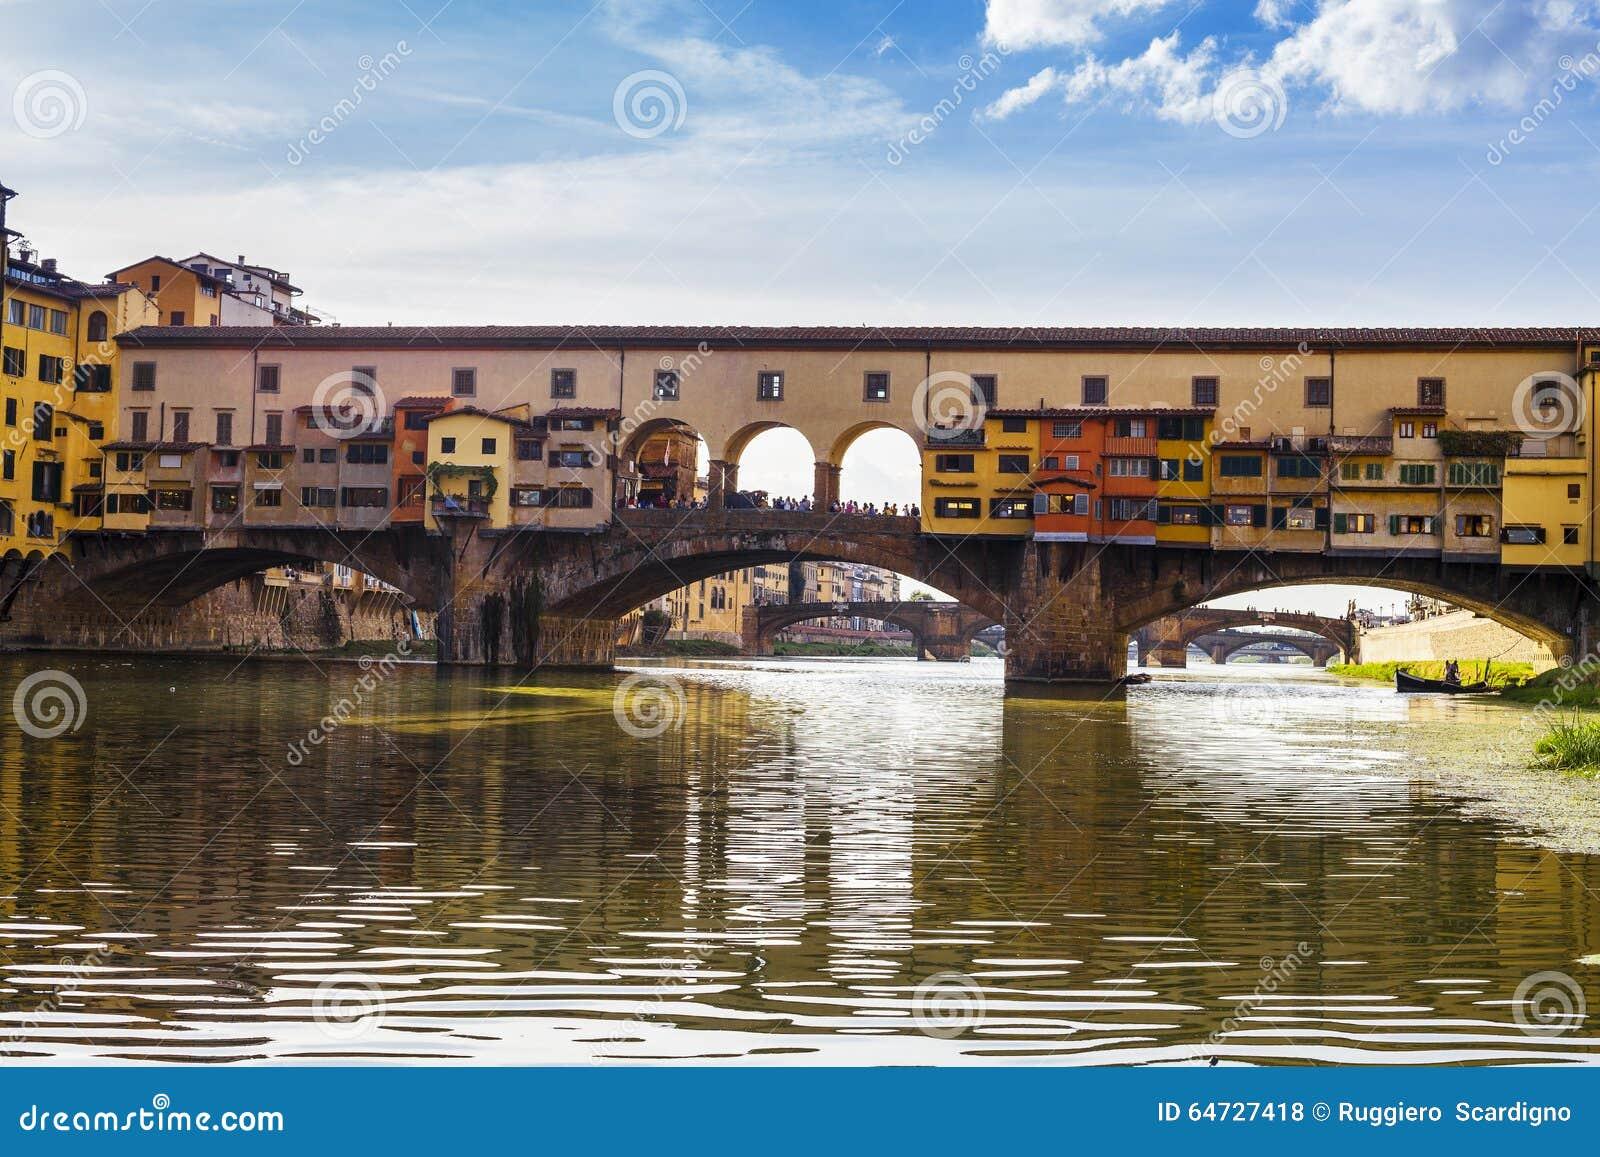 Ciudad de Florencia Vista del puente de Ponte Vecchio en Italia